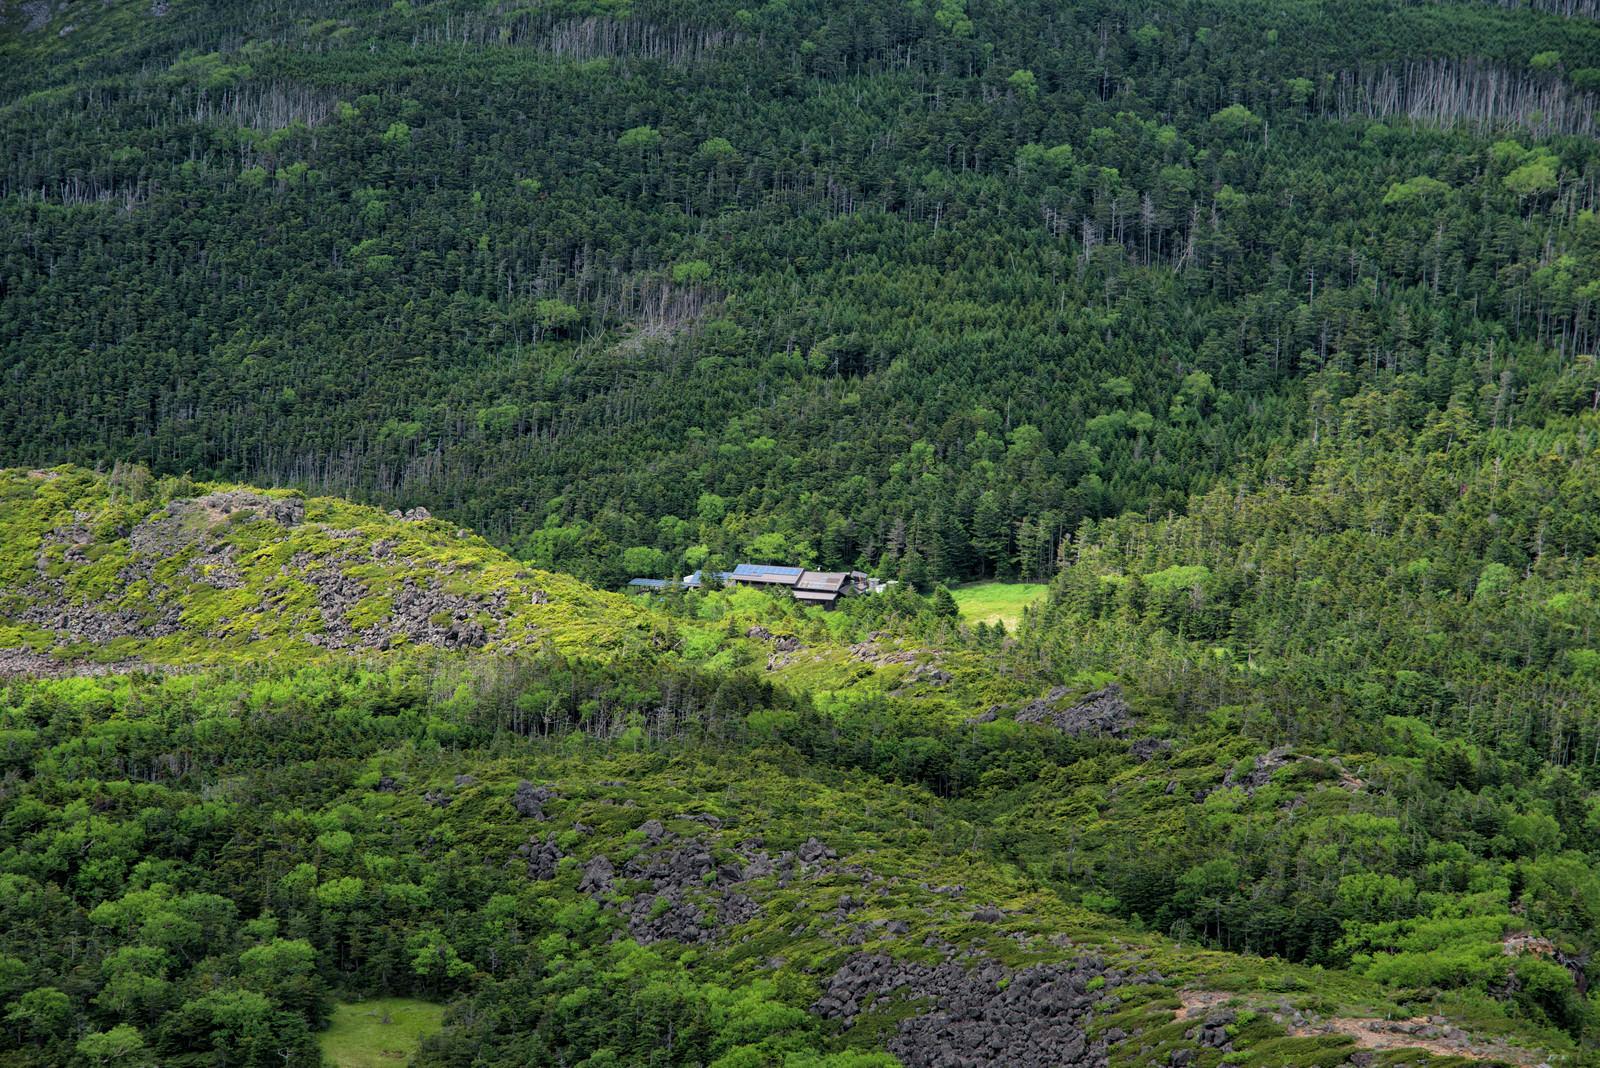 「森に囲まれひっそりと佇む黒百合ヒュッテ(山小屋)」の写真